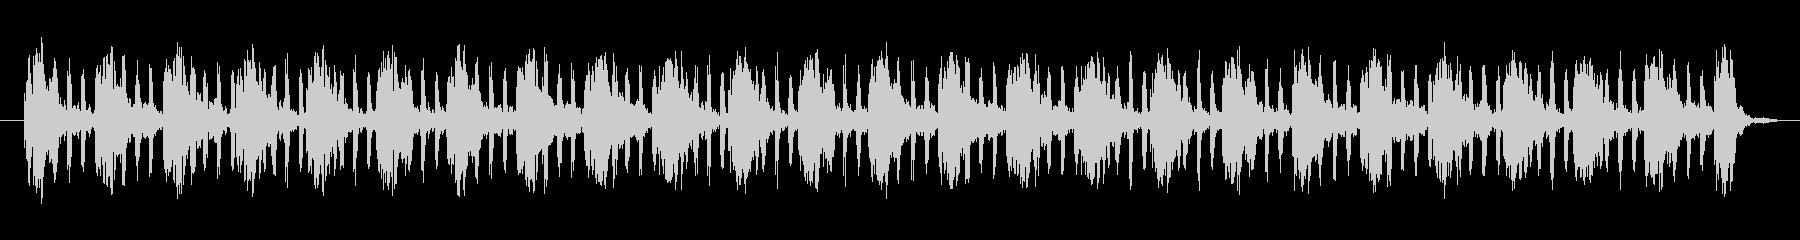 パワーハムパルスノイズの未再生の波形